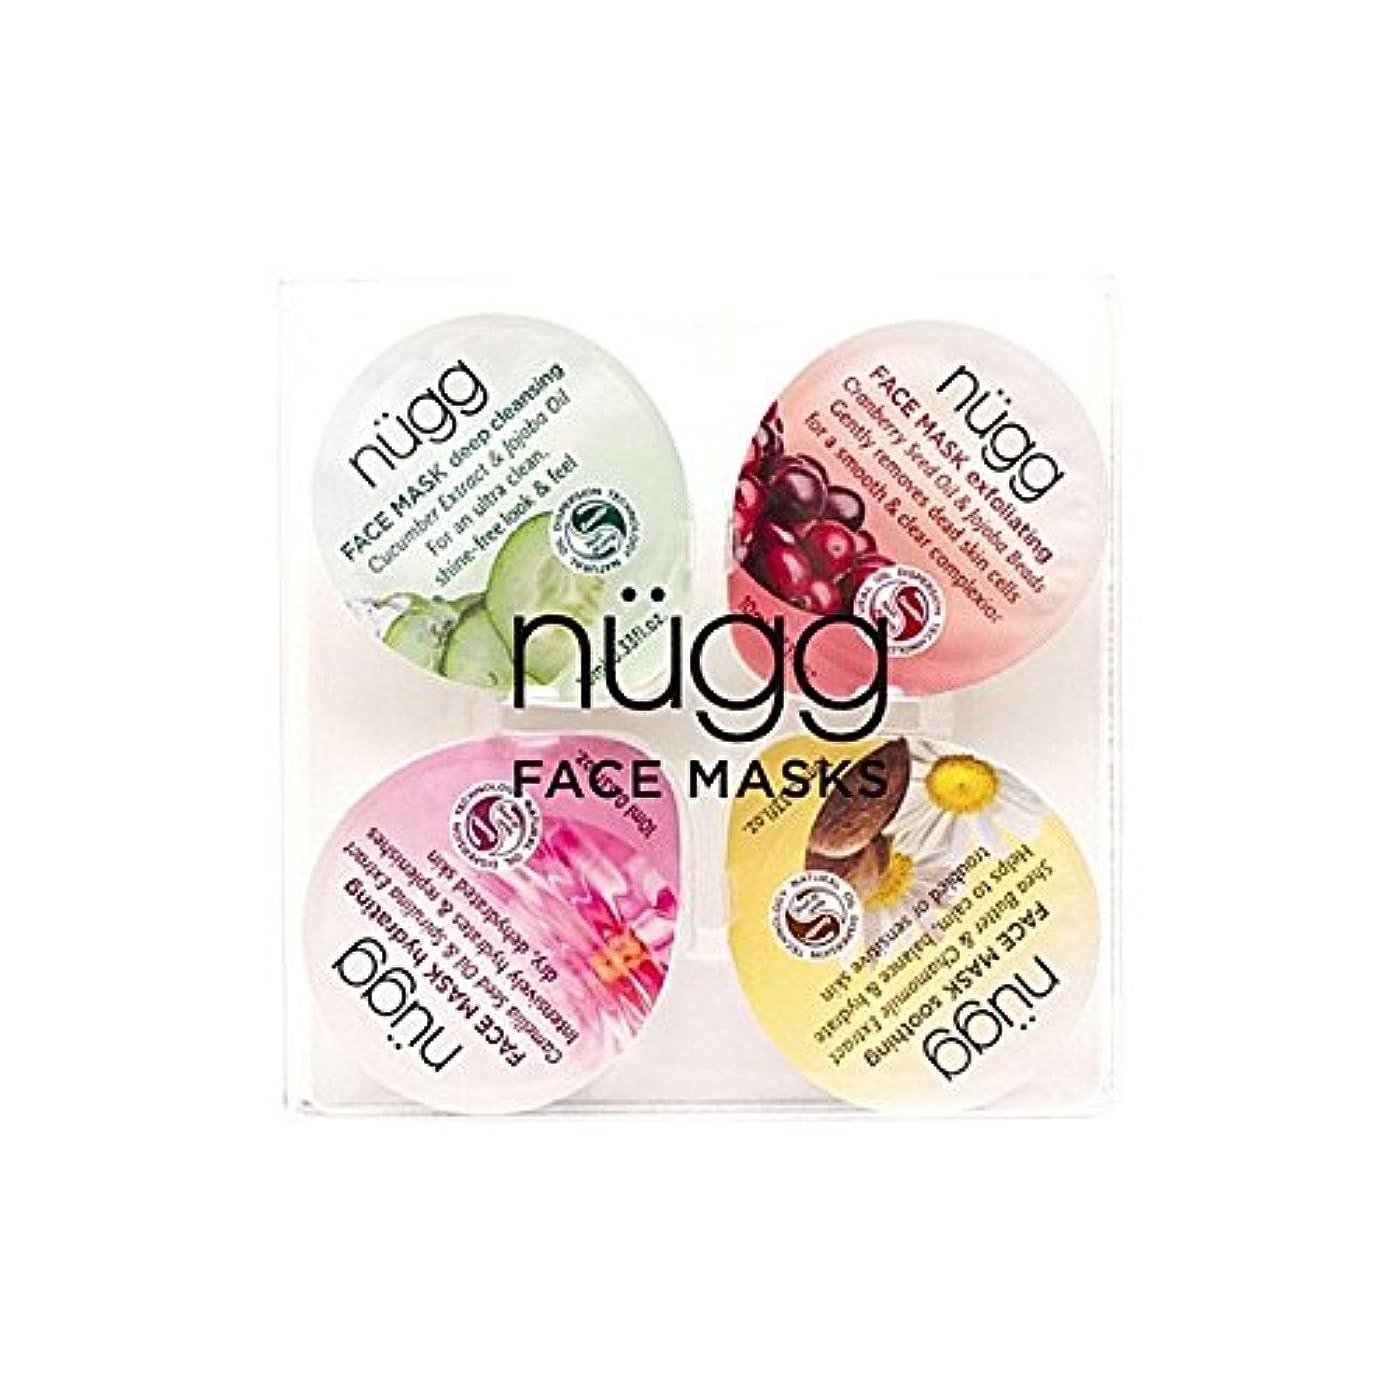 余暇取るに足らない器用フェイスマスクセット x2 - Nugg Face Mask Set (Pack of 2) [並行輸入品]